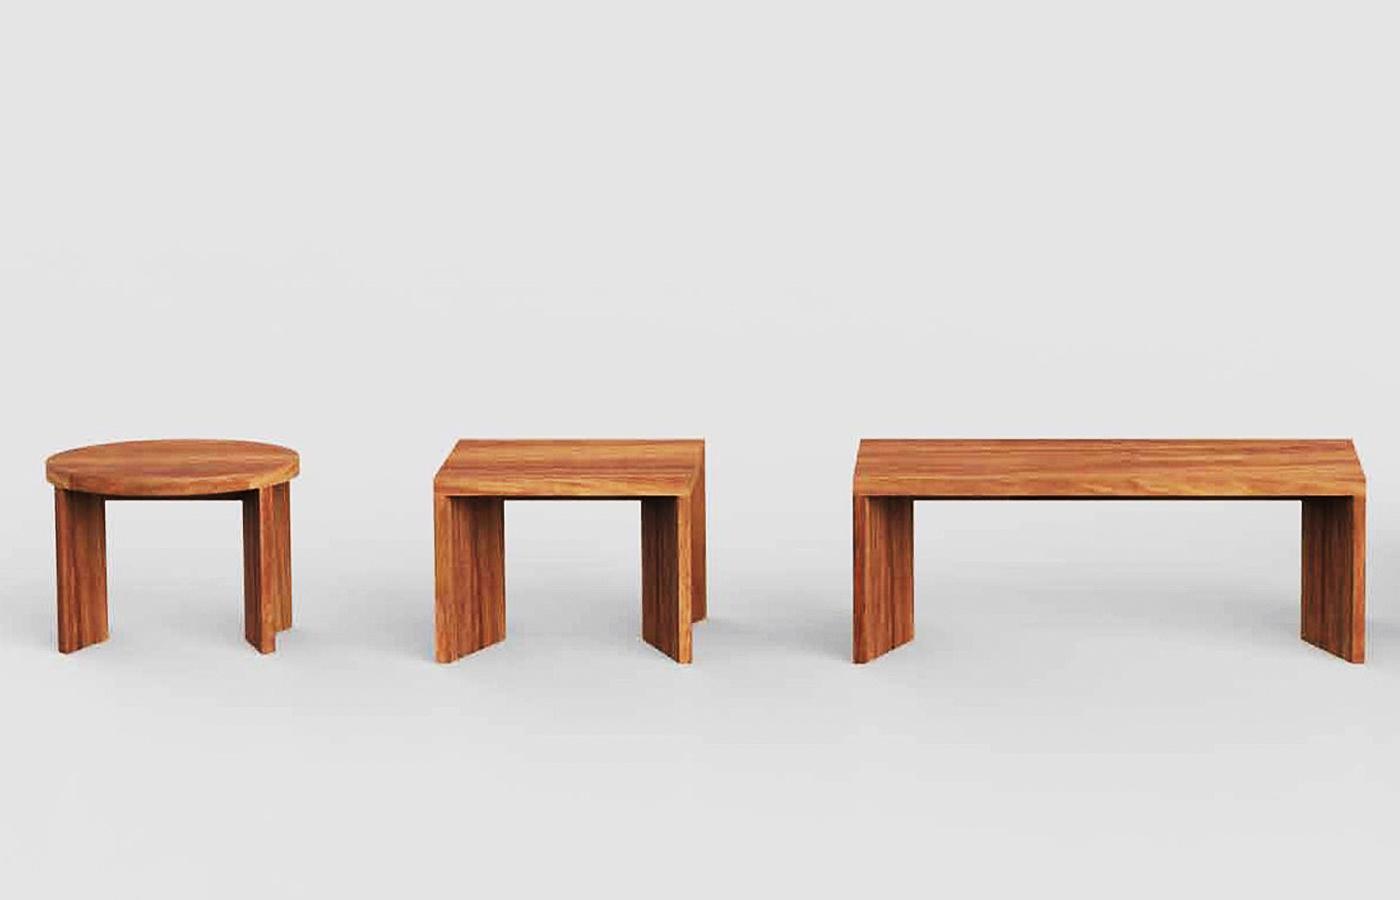 Wooden Table Leg Ideas